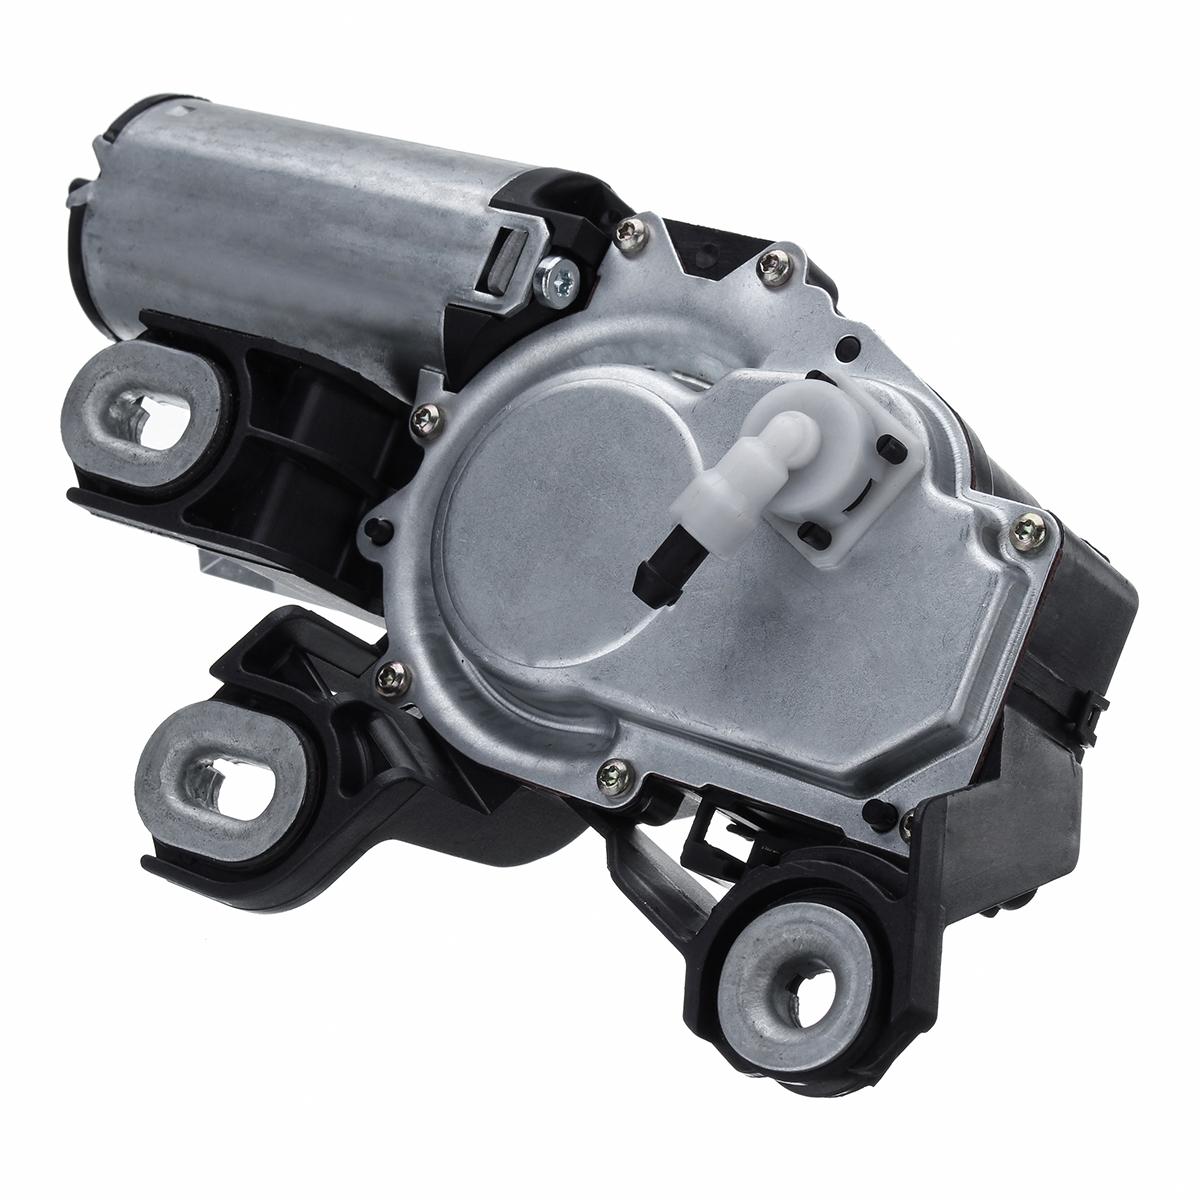 Rear Wiper Motor For Mercedes Viano Vito Mixto W639 03-16 6398200408 A6398200408